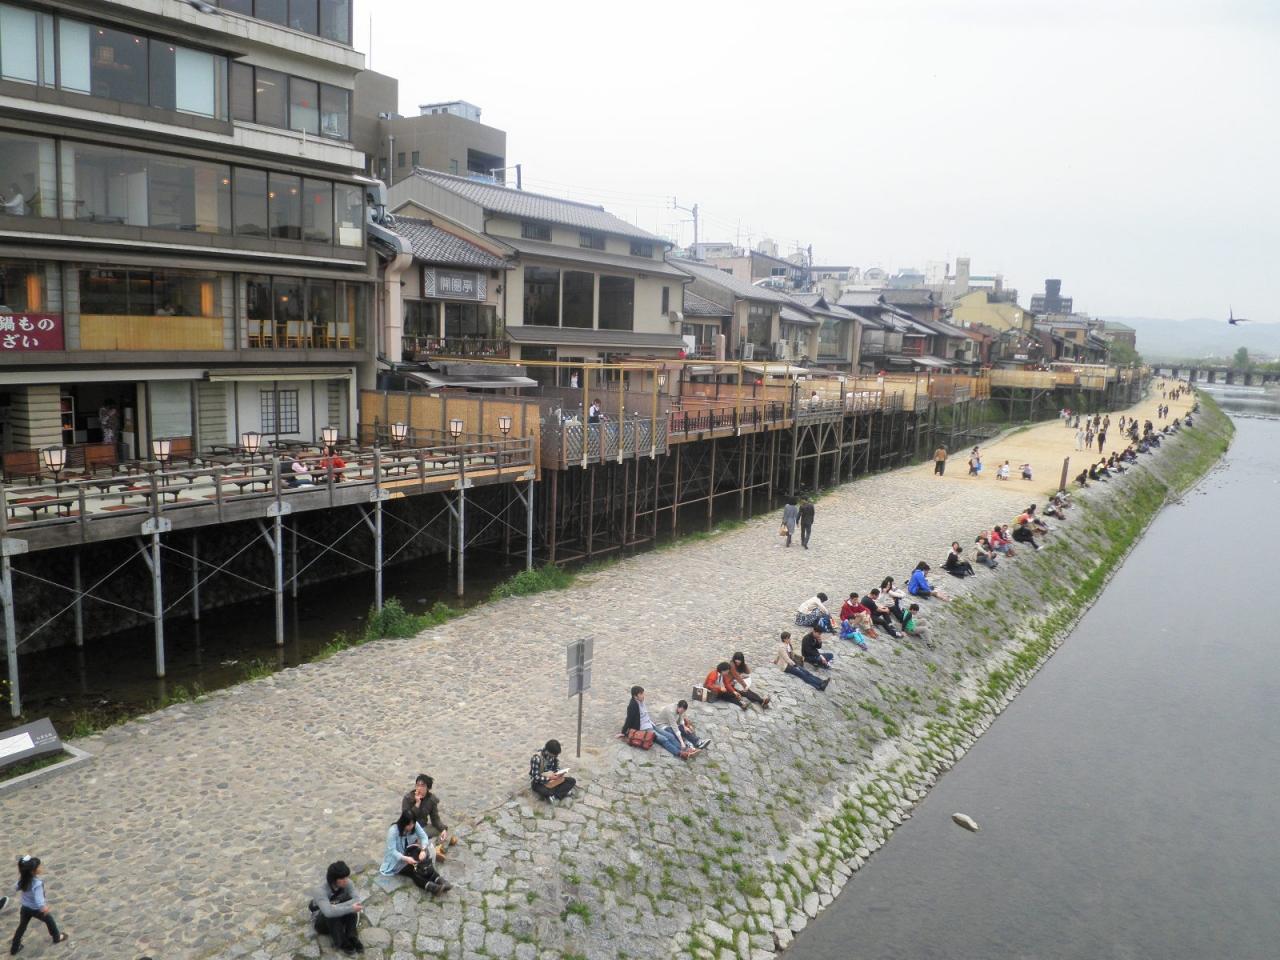 京都の河原町おすすめ観光スポットTOP19を一挙ご紹介!穴場も多数!